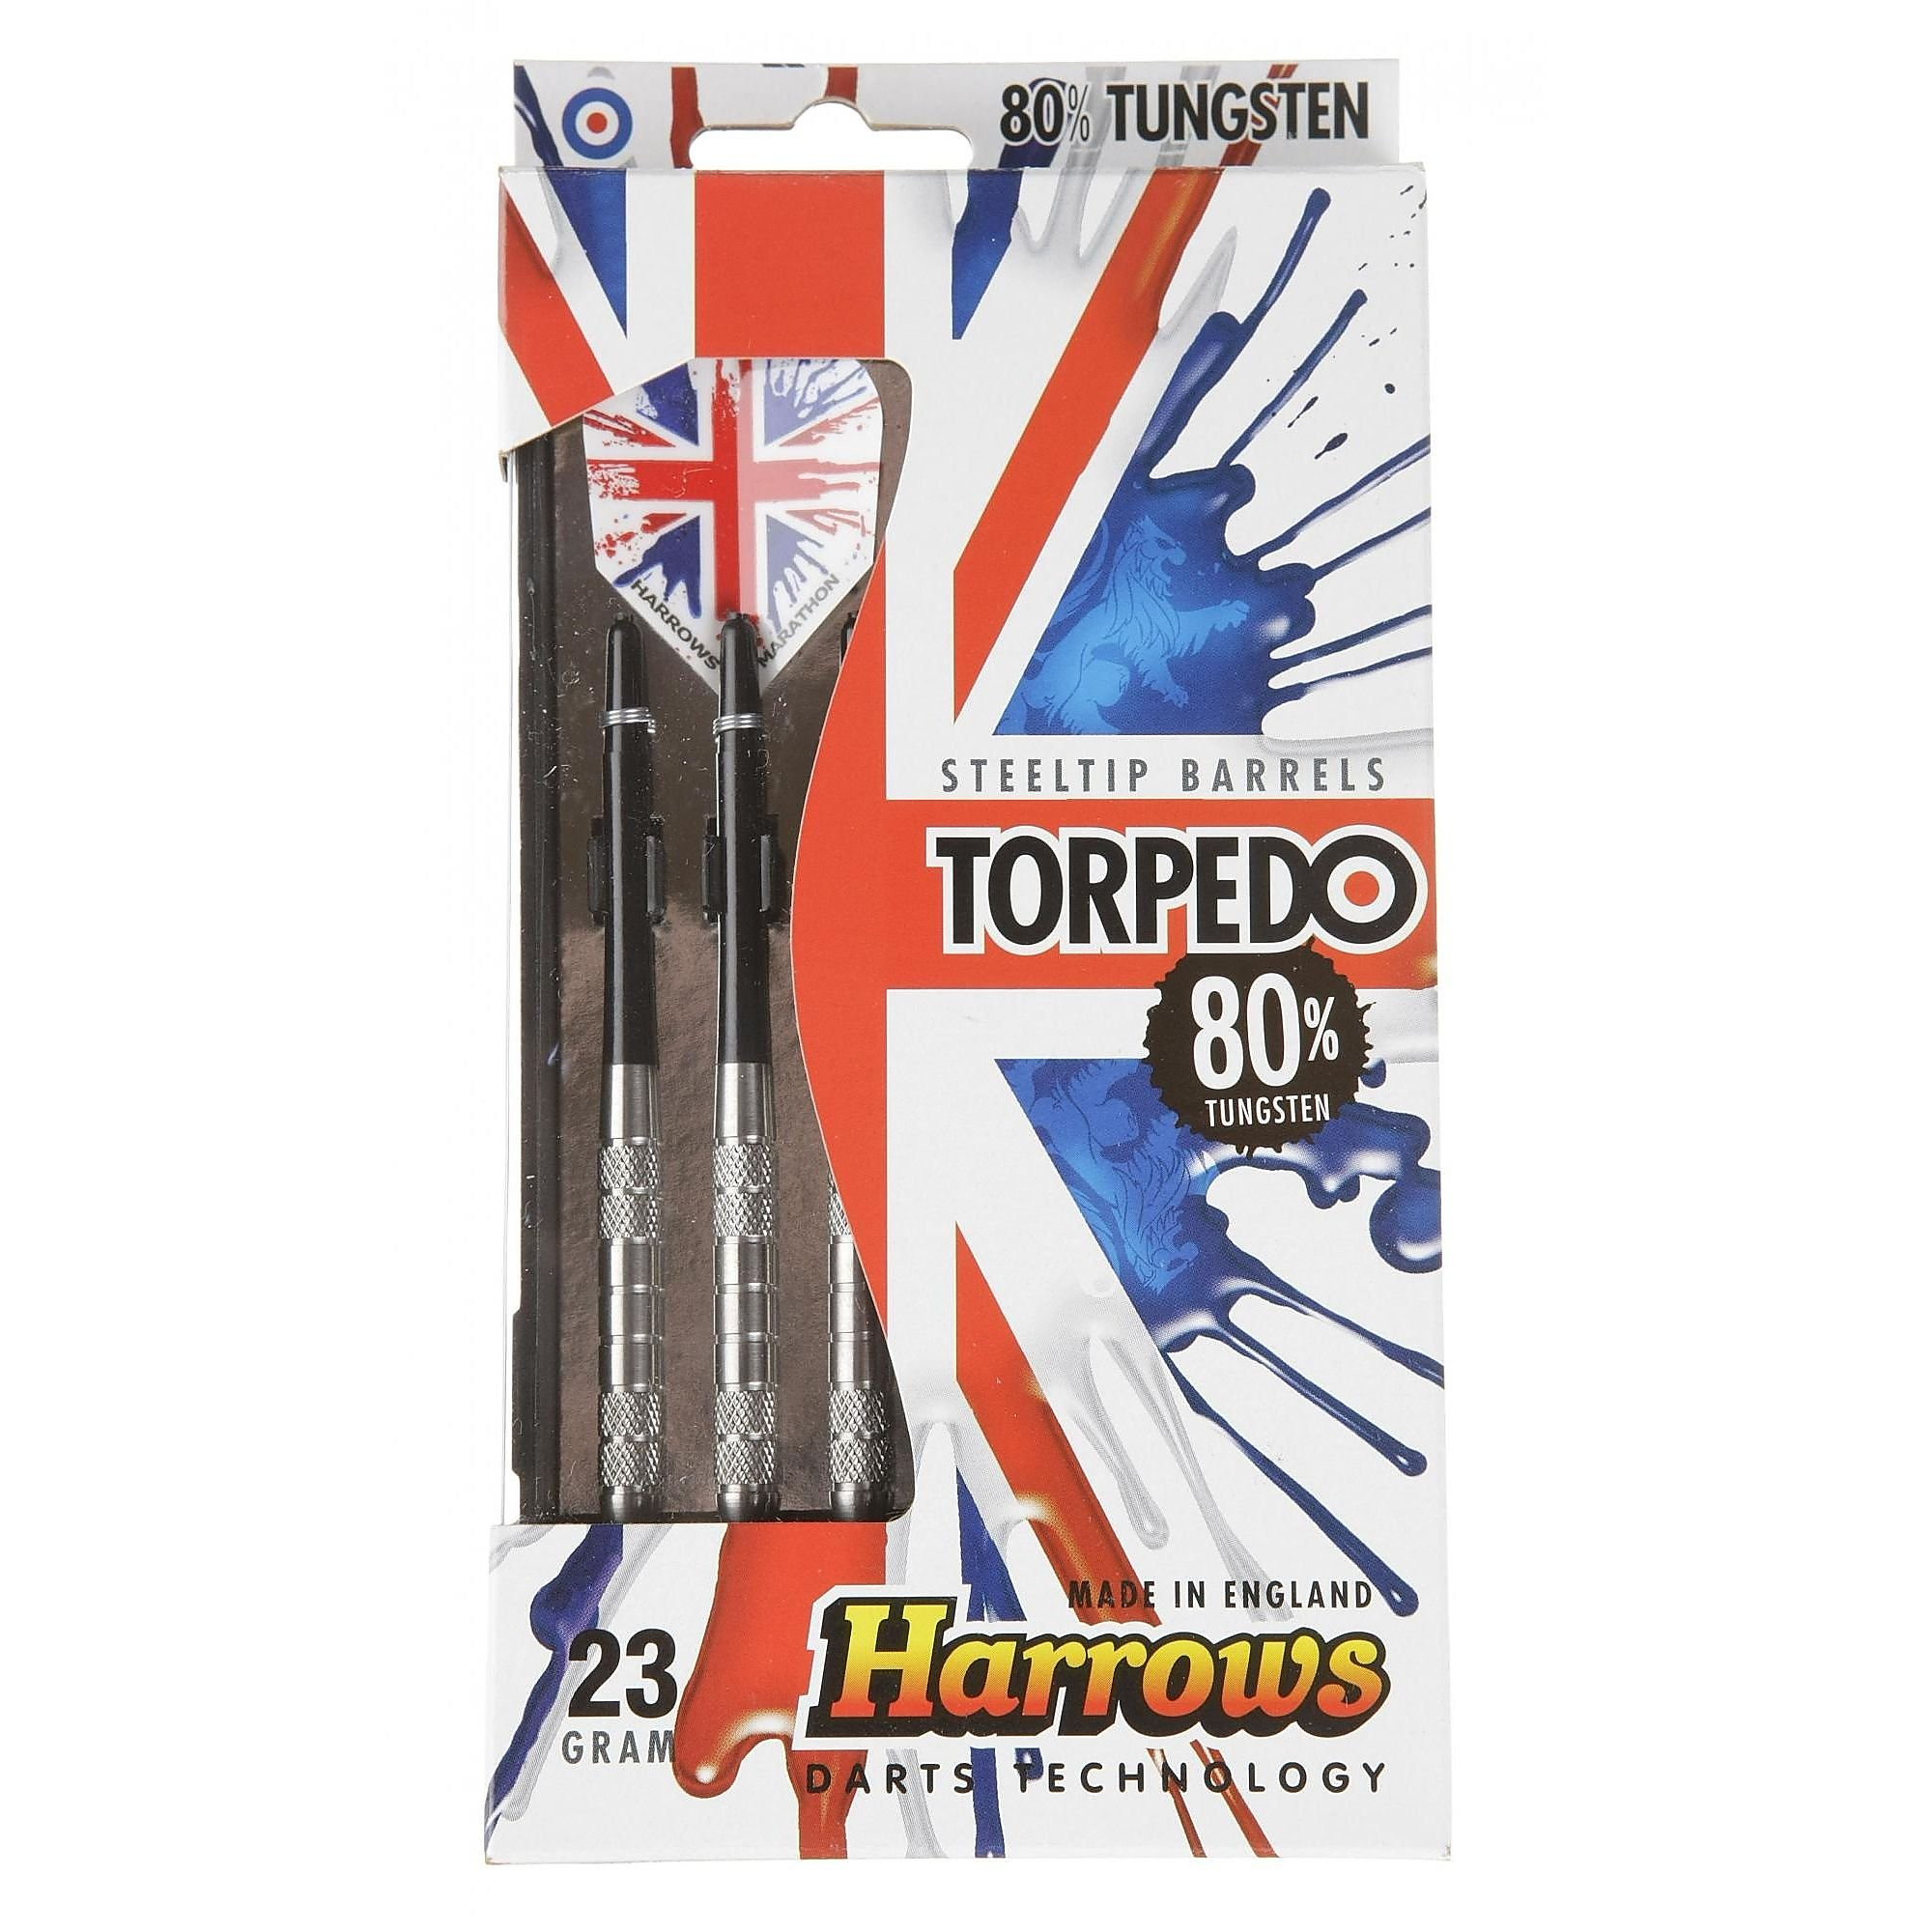 Harrows TORPEDO DART 70% 23GR